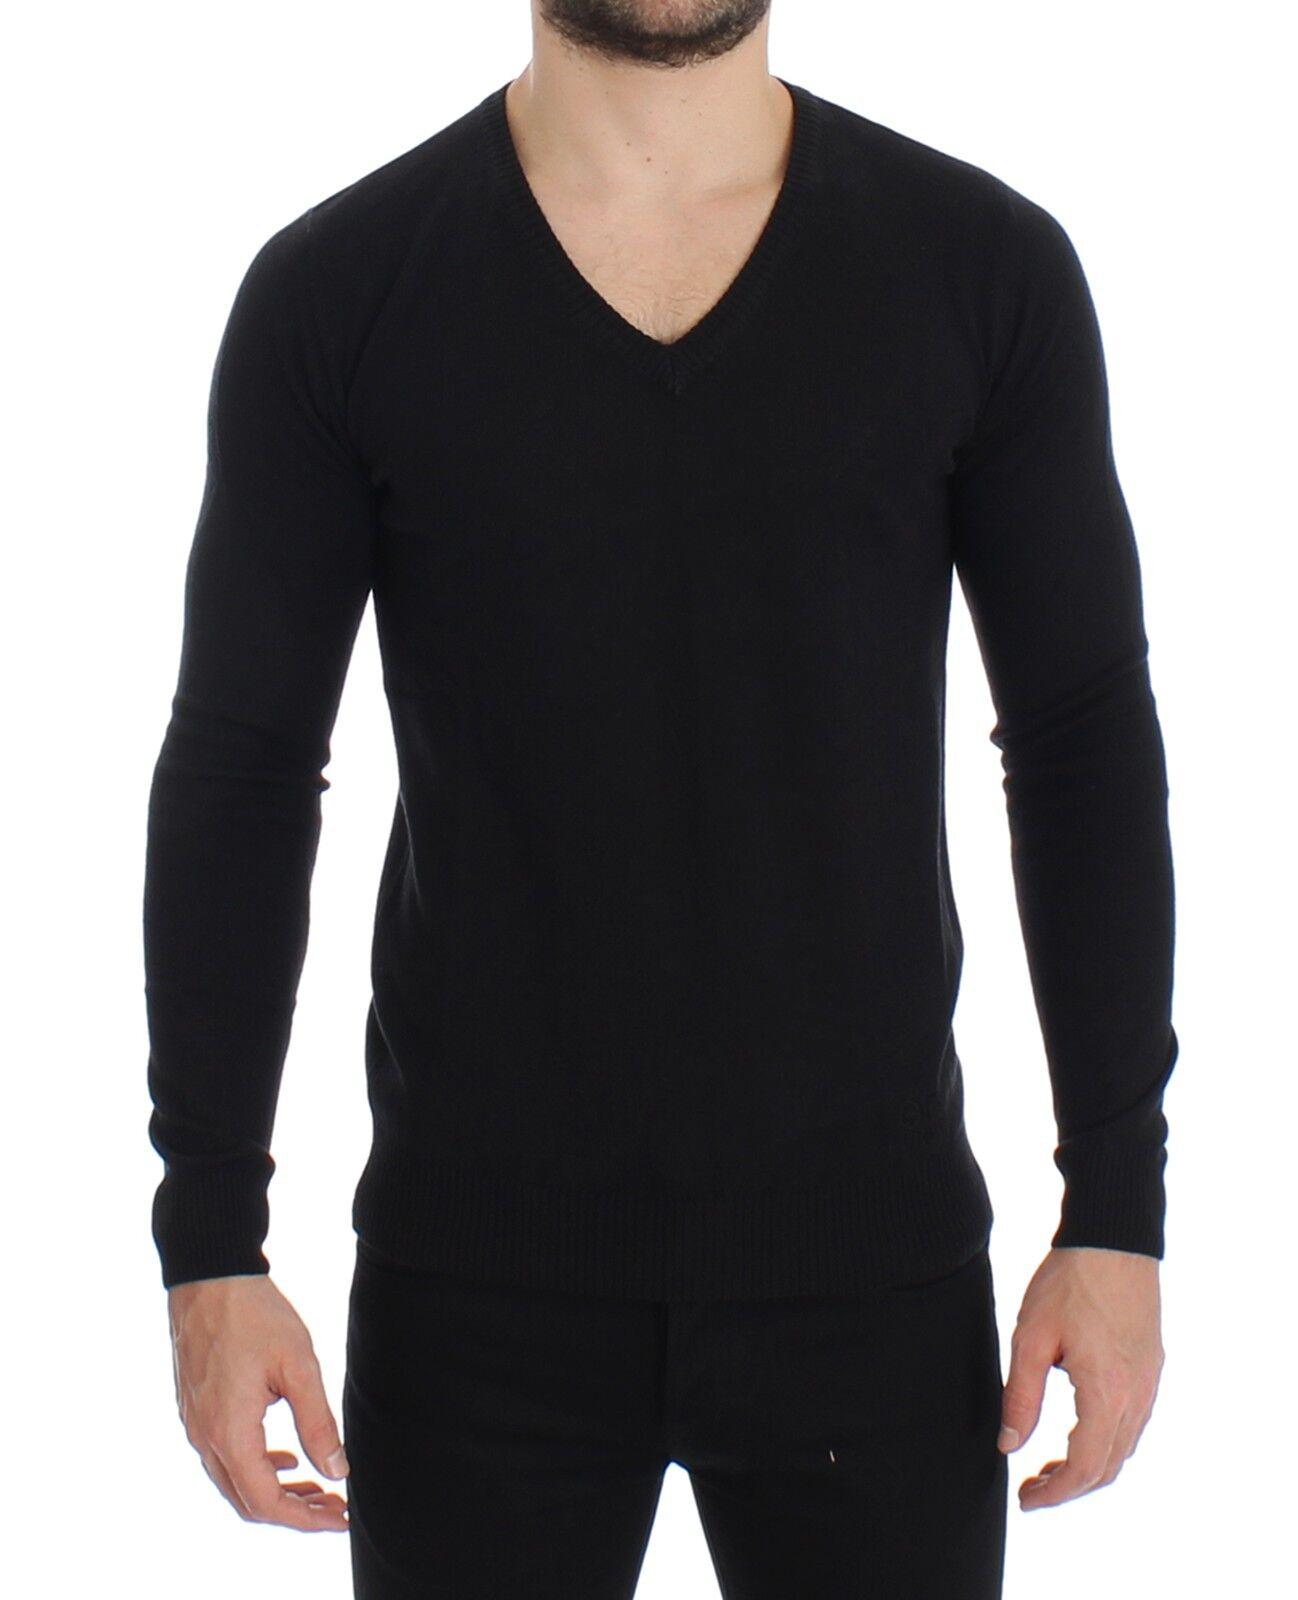 Nuevo  300 Gianfranco  GF Ferre Suéter Negro De Lana mezcla para hombre cuello en v suéter S. M  marca